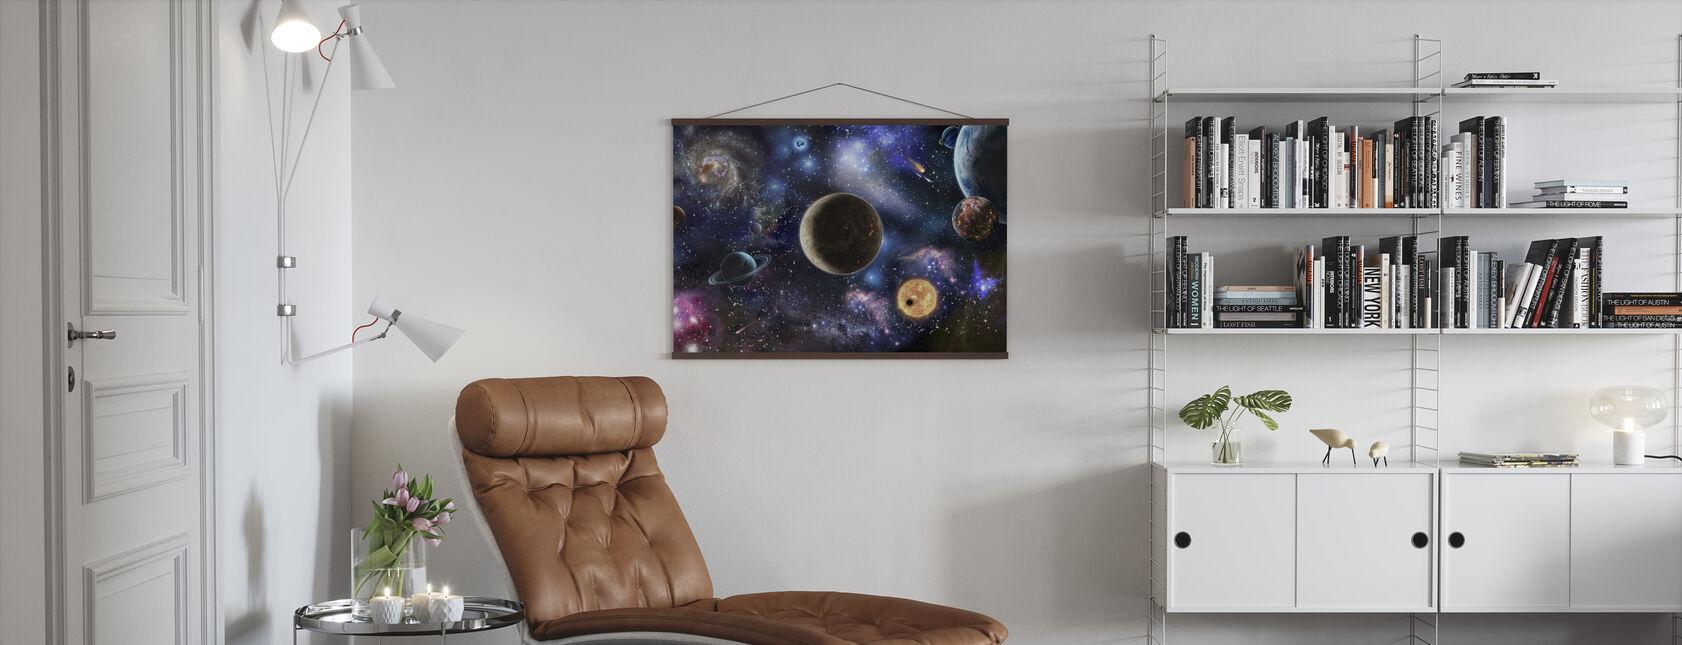 Fantastisk plads - Plakat - Stue